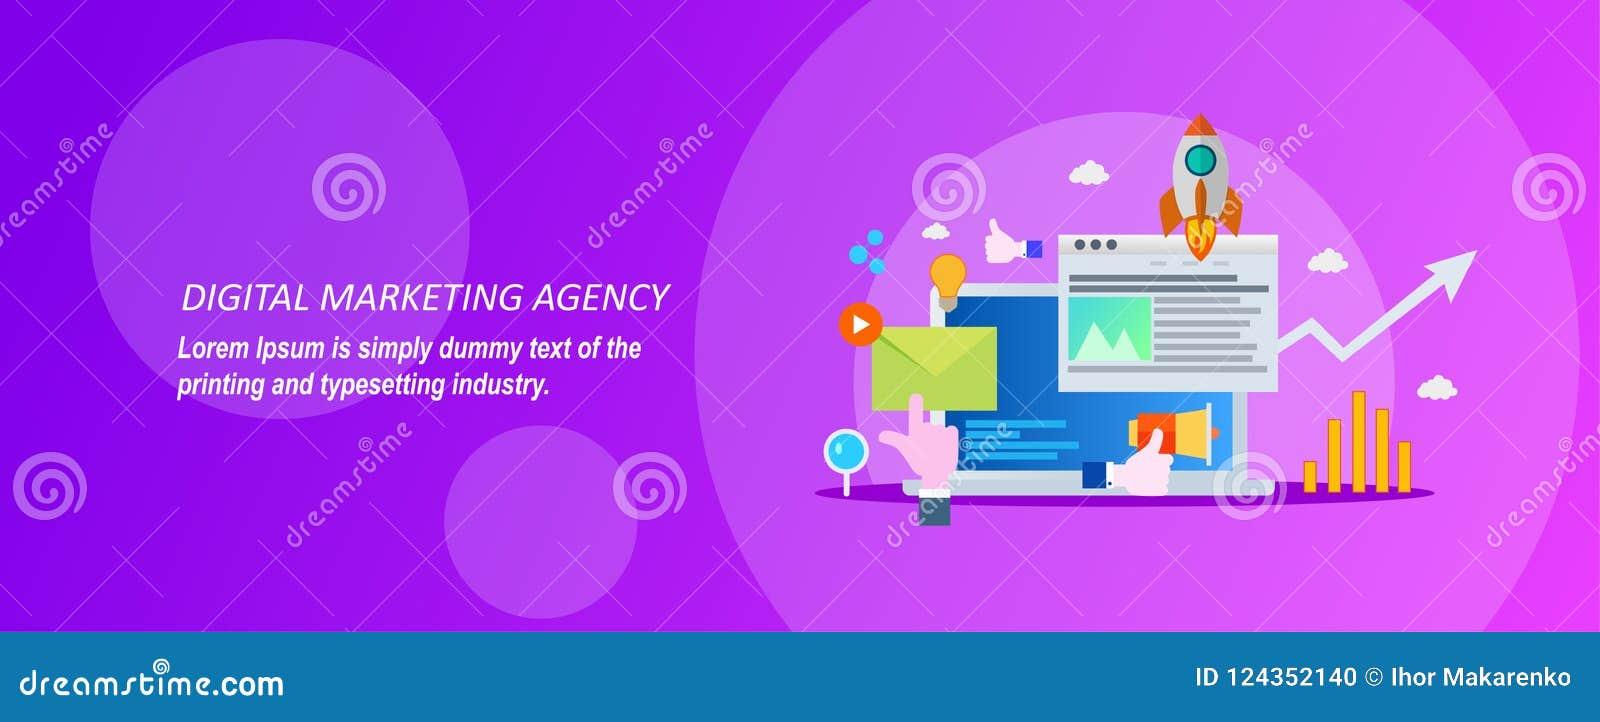 Concept voor digitaal op de markt brengend agentschap op een violette achtergrond